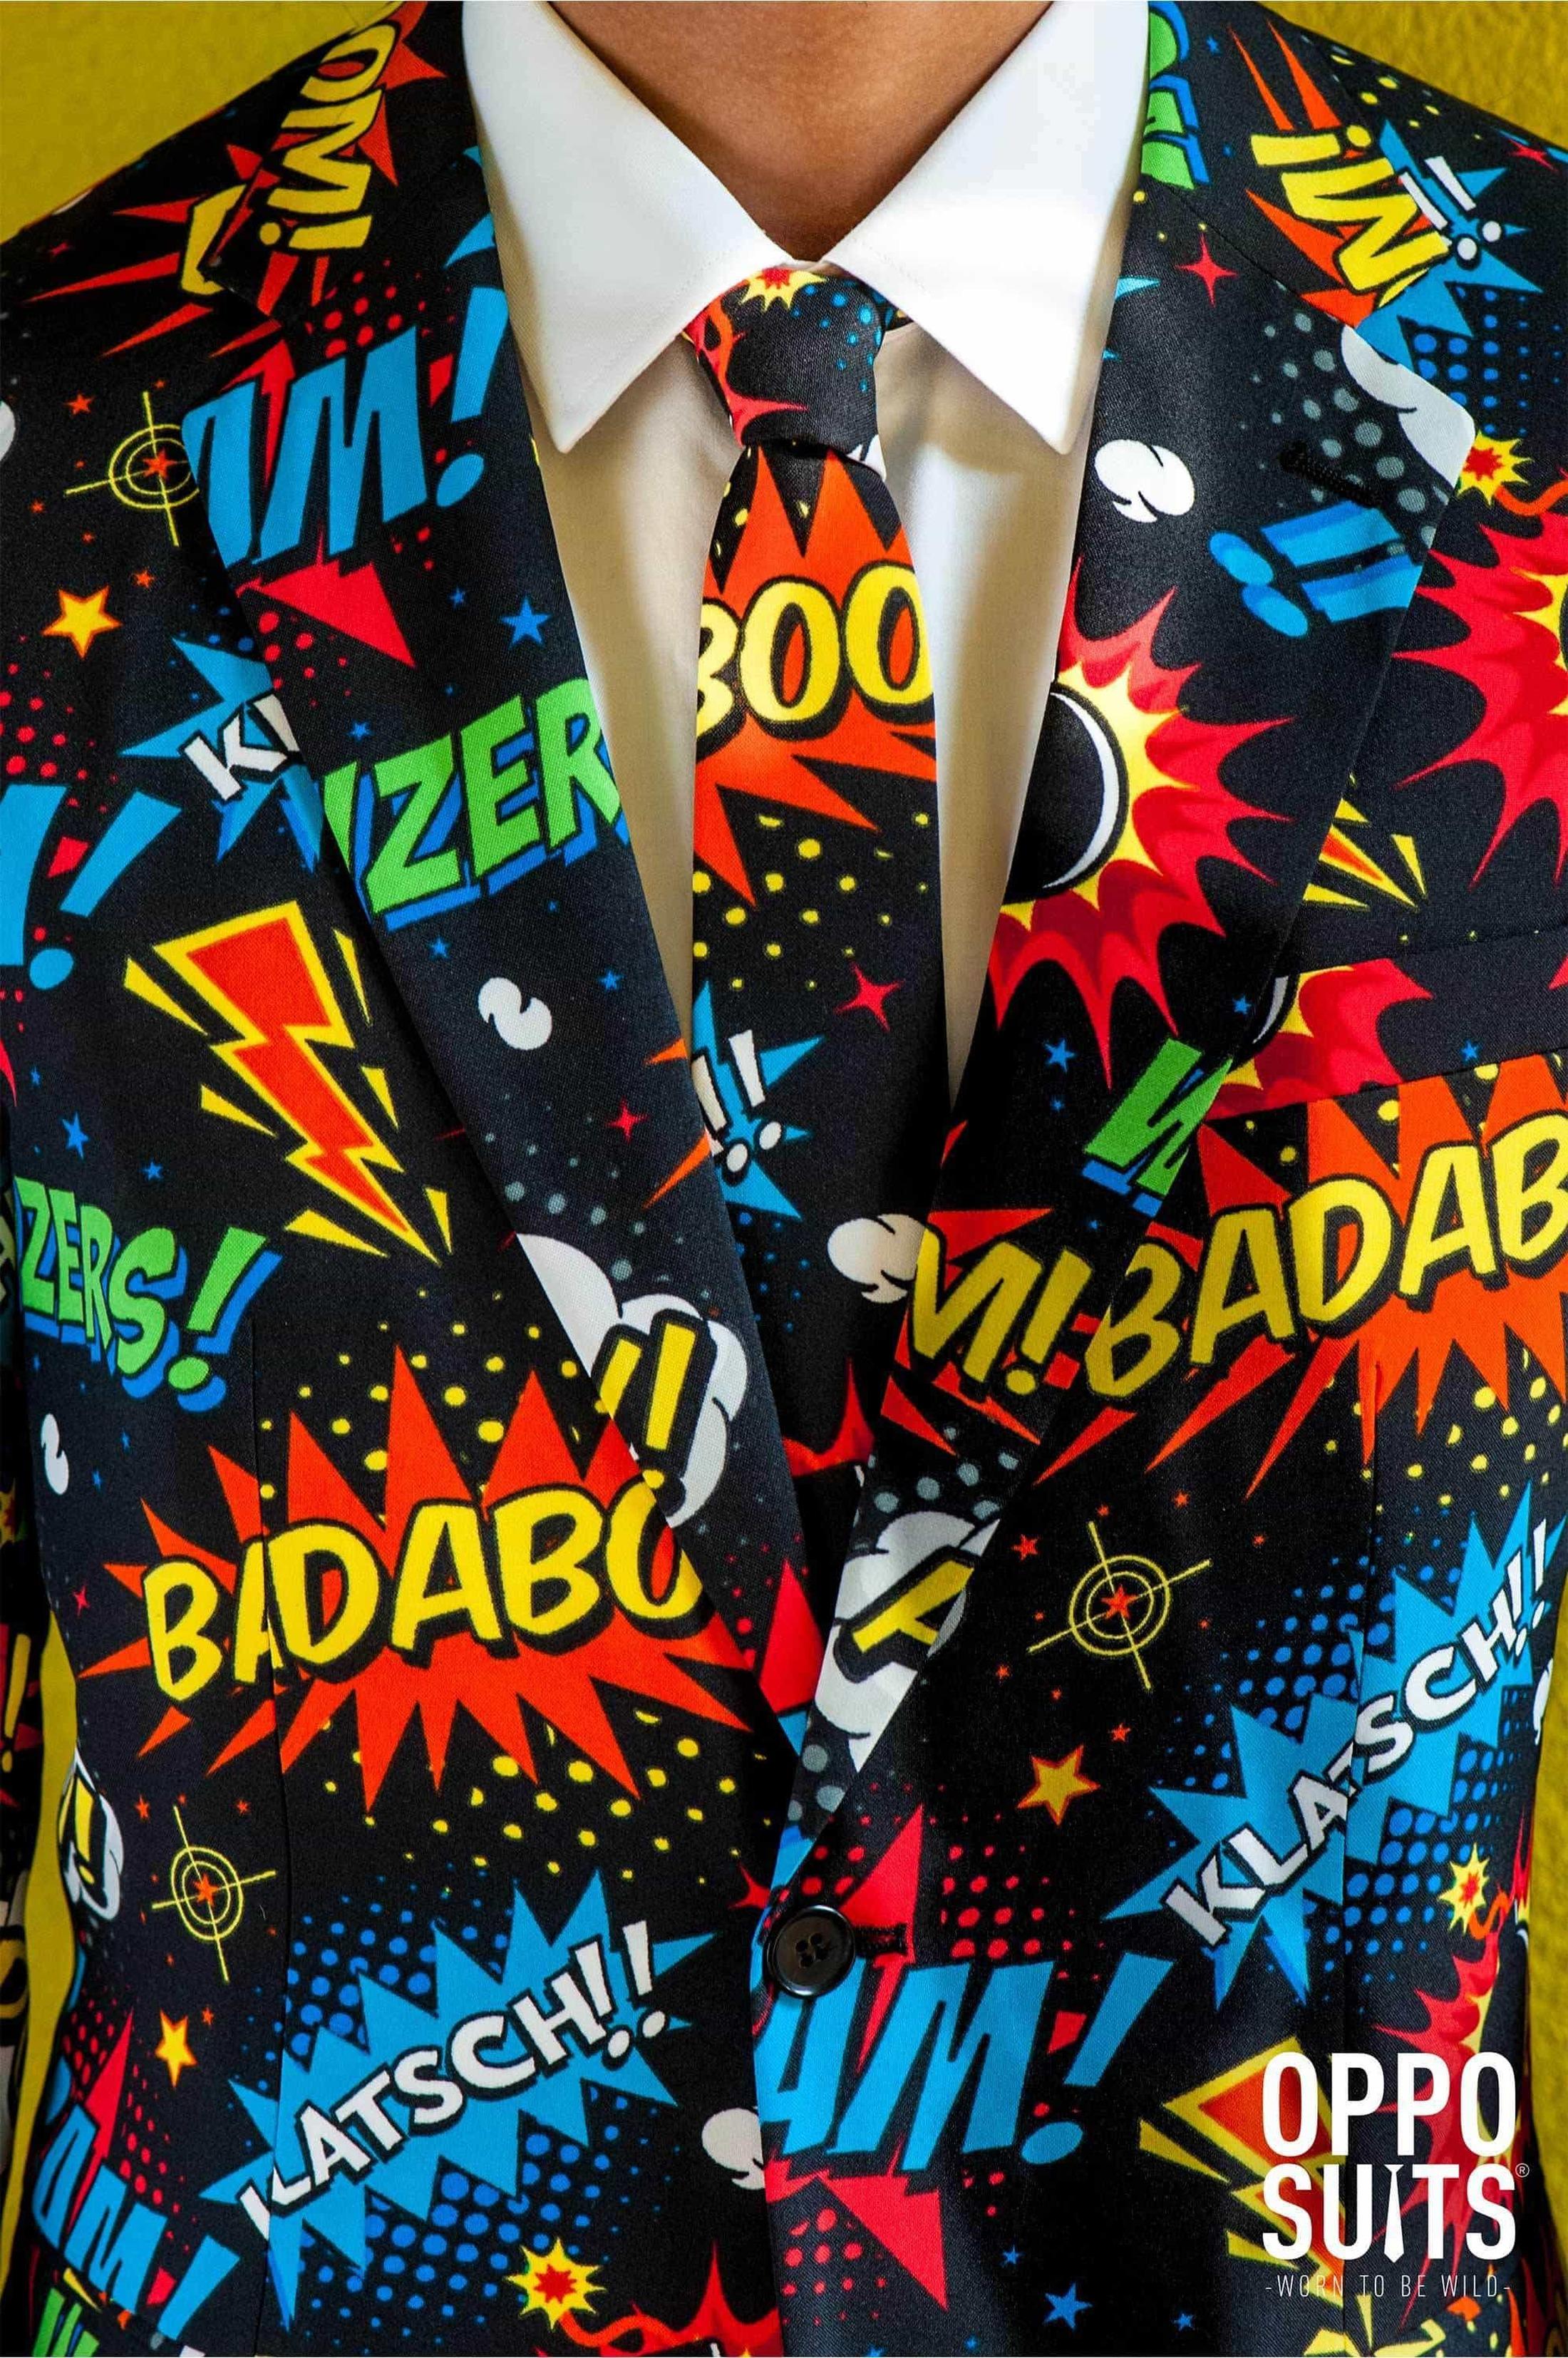 OppoSuits Kostüm Badaboom